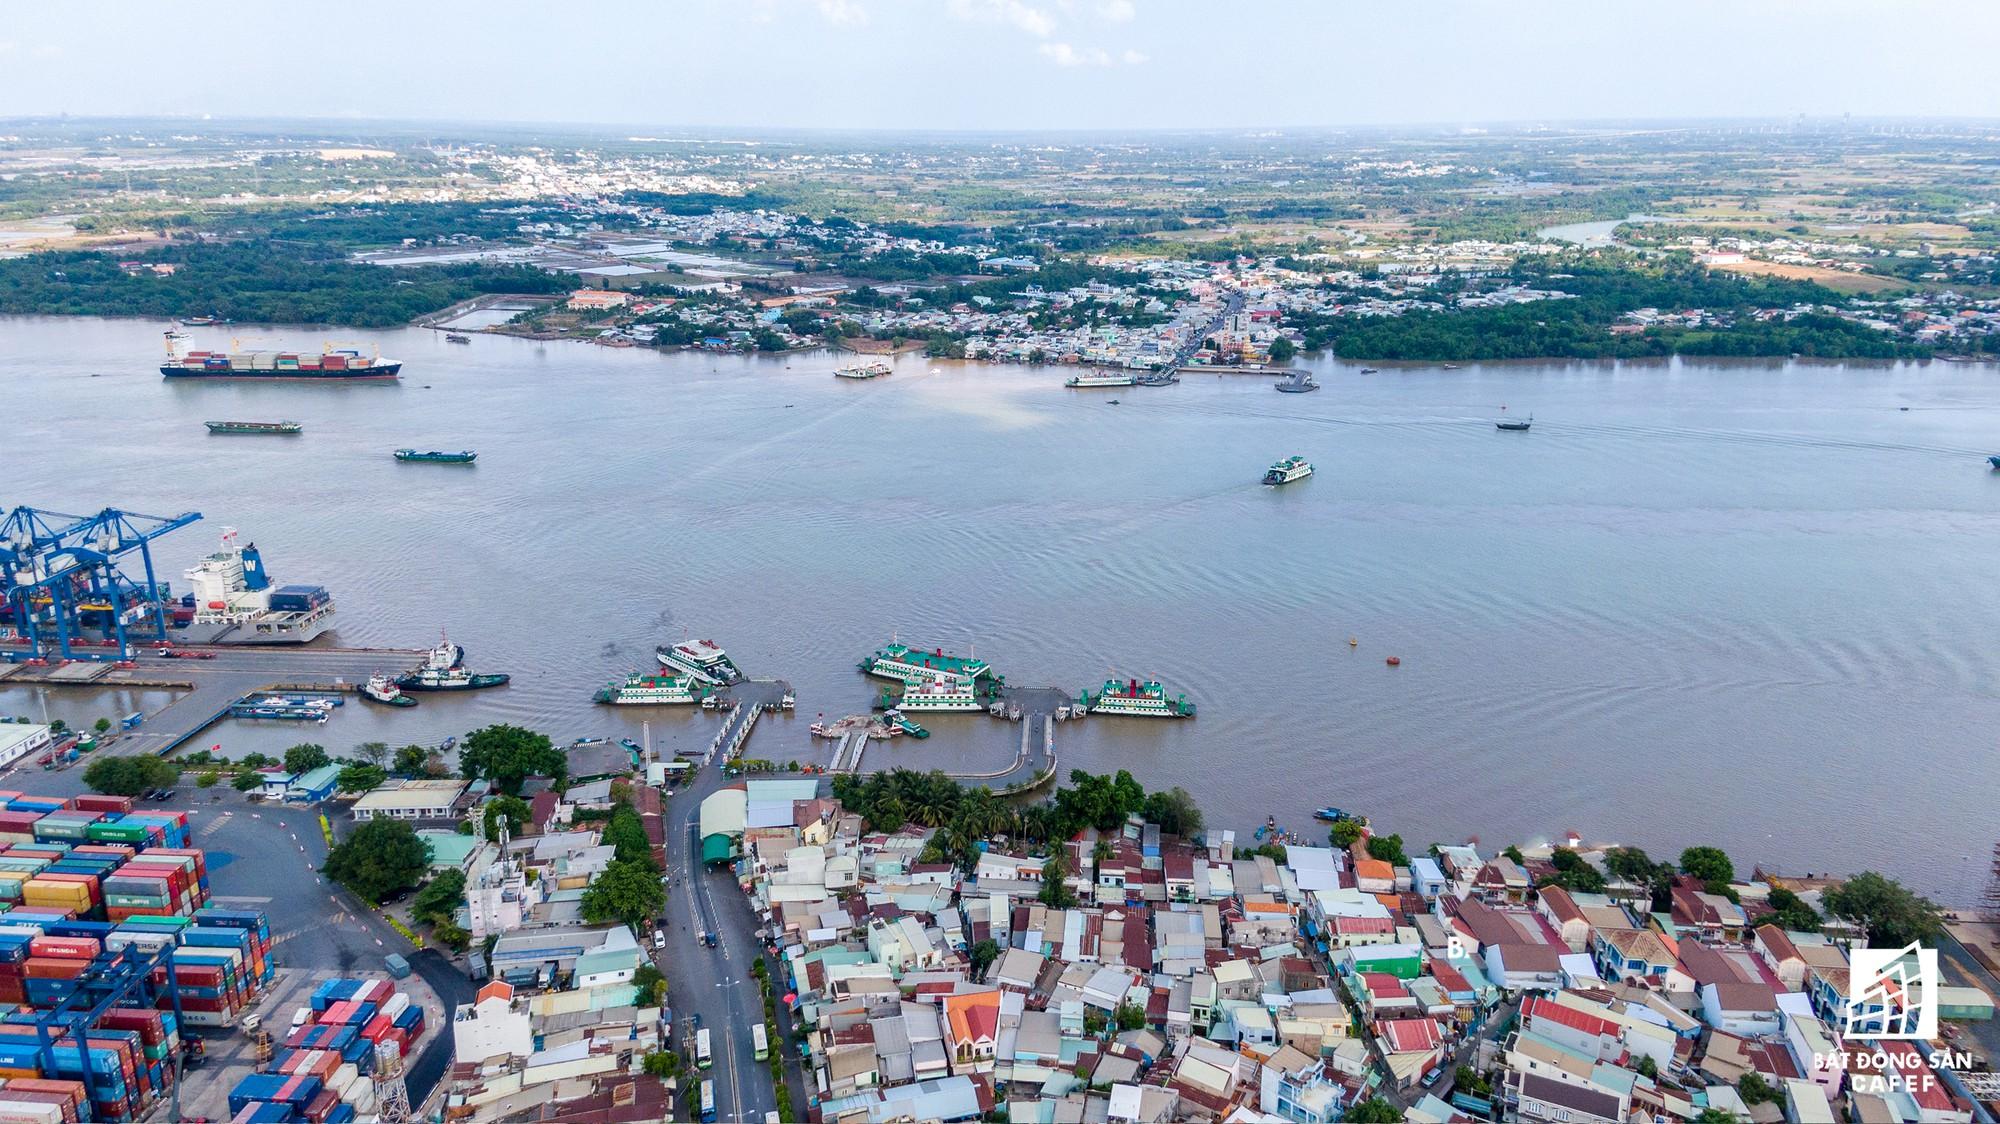 Diện mạo hai bờ sông Sài Gòn tương lai nhìn từ loạt siêu dự án tỷ đô, khu vực trung tâm giá nhà lên hơn 1 tỷ đồng/m2 - Ảnh 28. Diện mạo hai bờ sông Sài Gòn tương lai nhìn từ loạt siêu dự án tỷ đô, khu vực trung tâm giá nhà lên hơn 1 tỷ đồng/m2 Diện mạo hai bờ sông Sài Gòn tương lai nhìn từ loạt siêu dự án tỷ đô, khu vực trung tâm giá nhà lên hơn 1 tỷ đồng/m2 hinh 26 1568277847268574626262